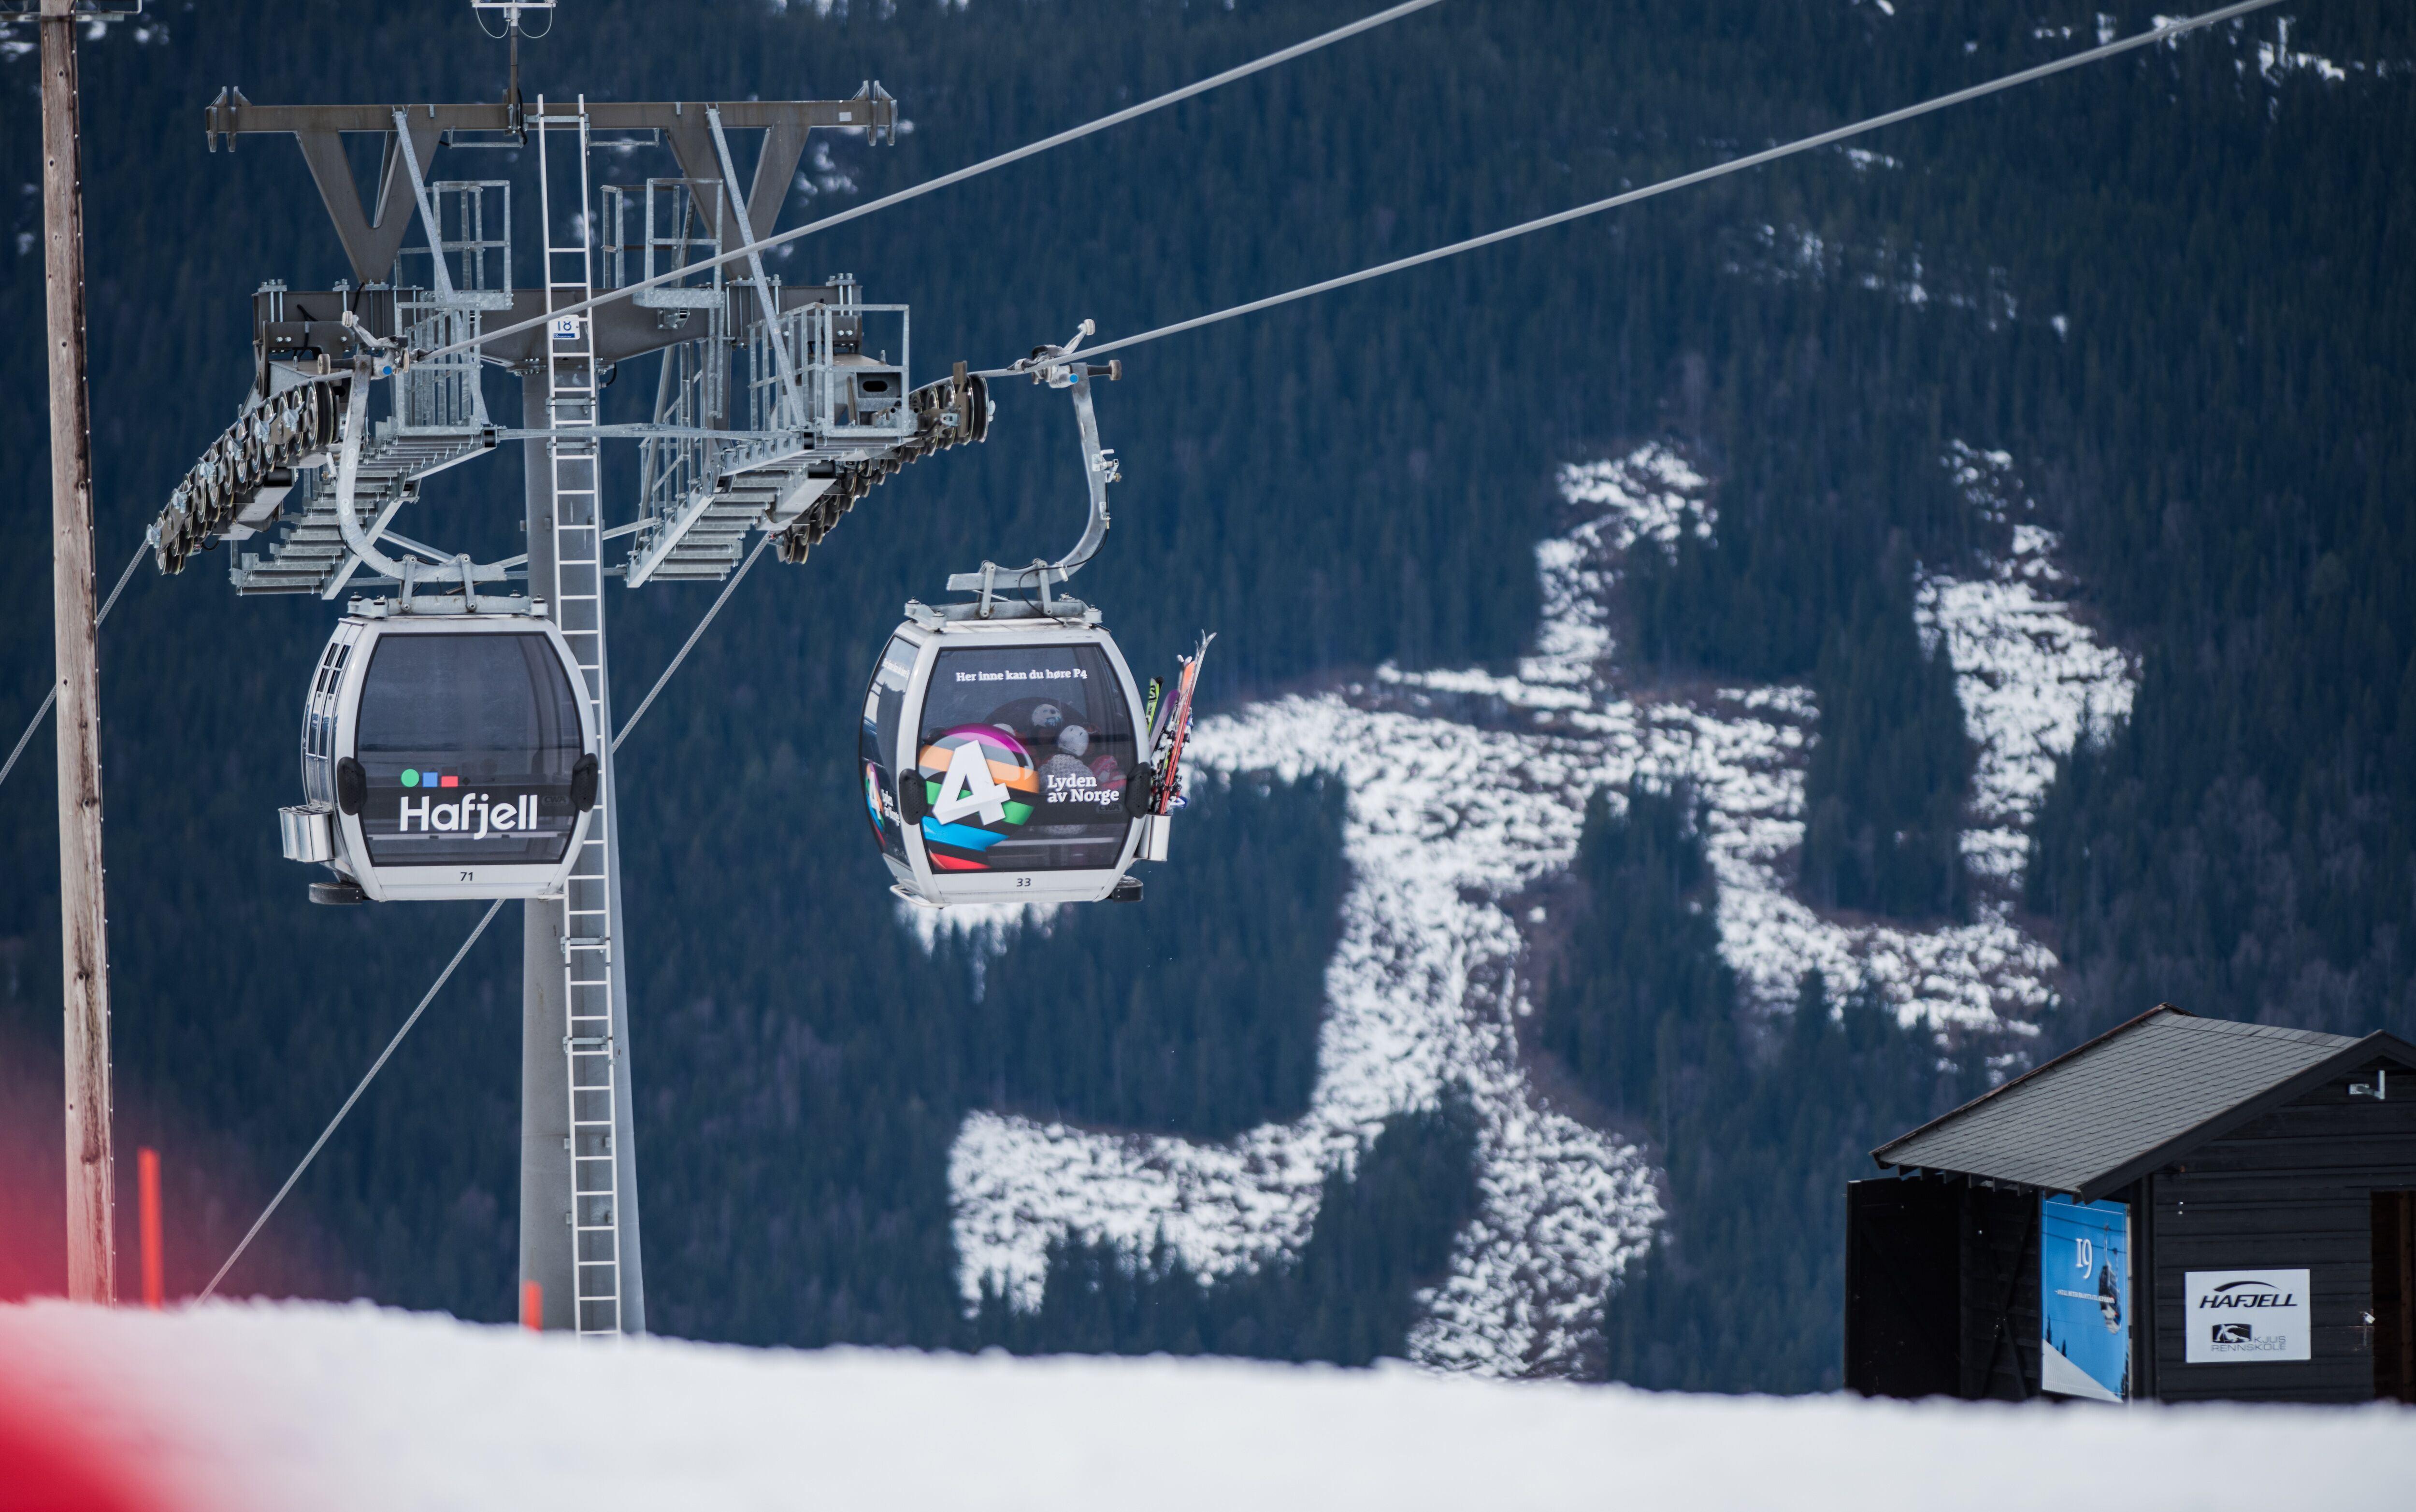 © Alpinco Hafjell, The Gondola in Hafjell Bike Park